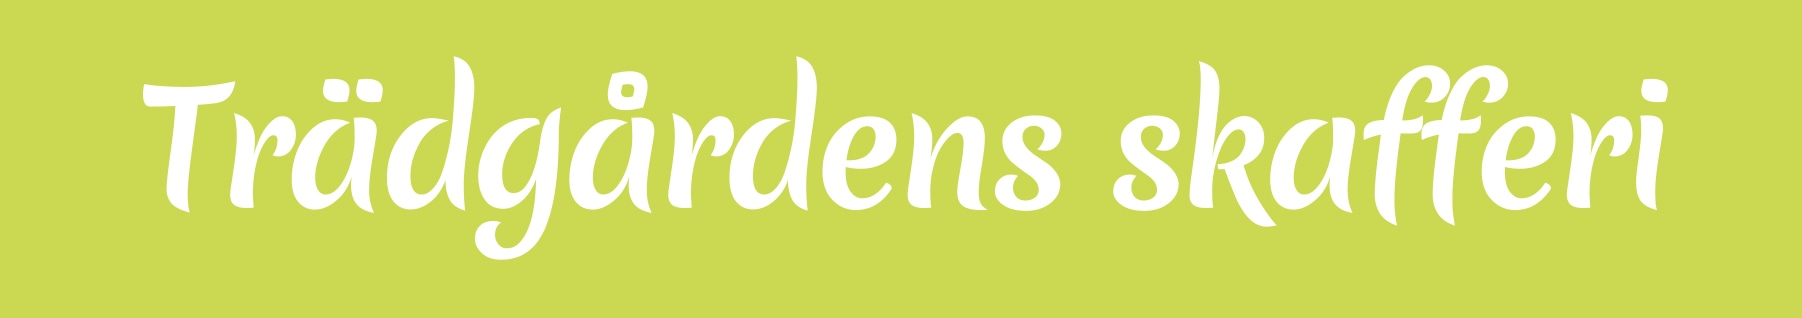 Trädgårdens skafferi logo